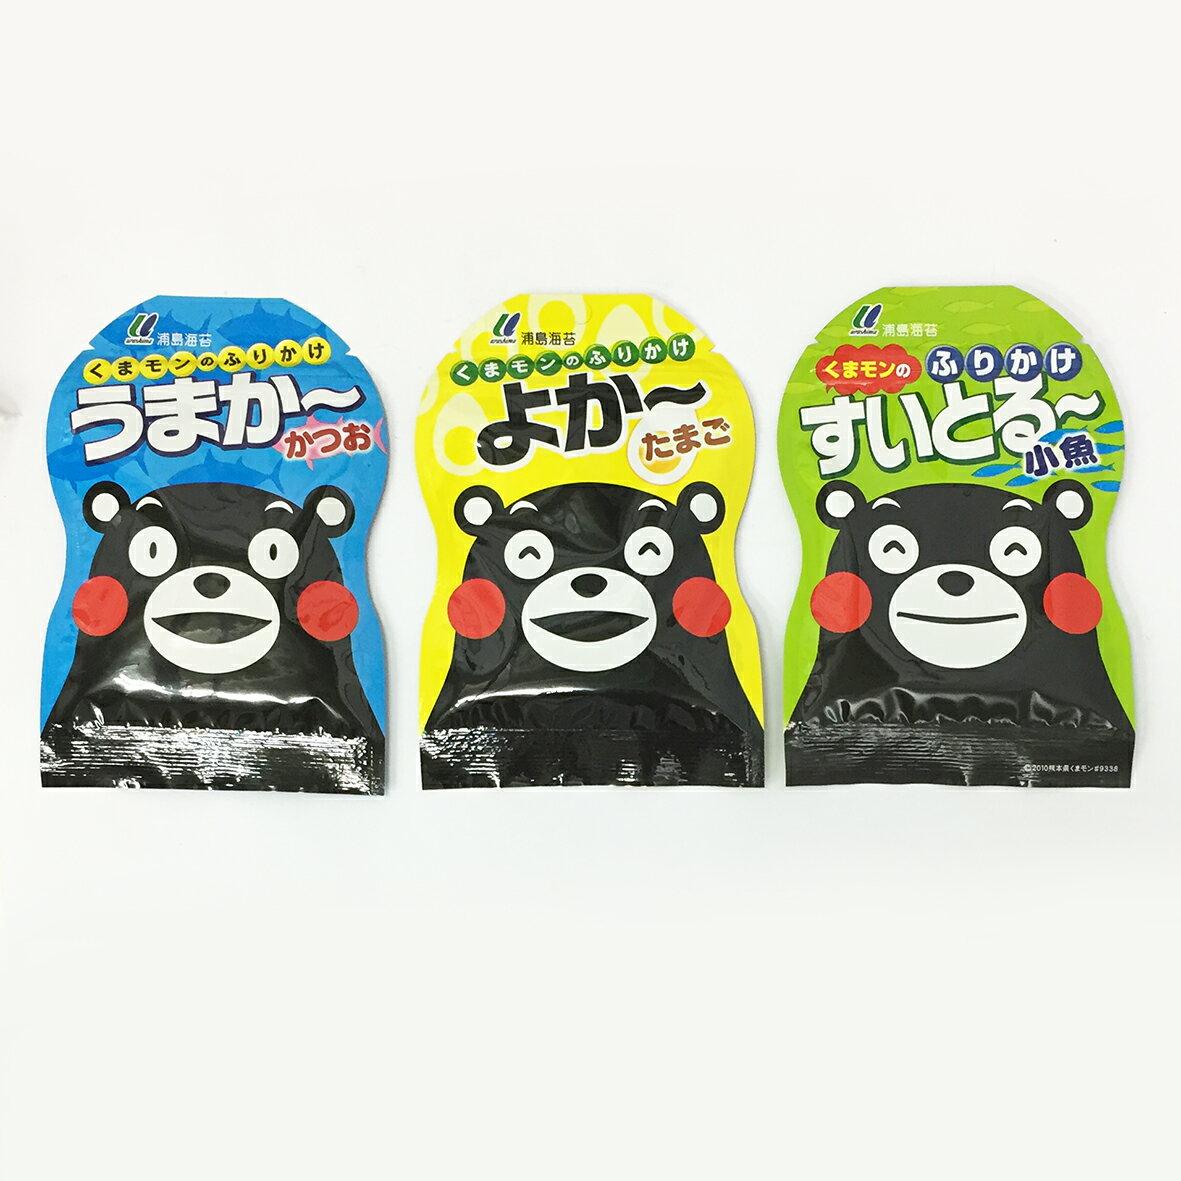 浦島海苔 熊本熊拌飯料 飯友-鰹魚/雞蛋/小魚